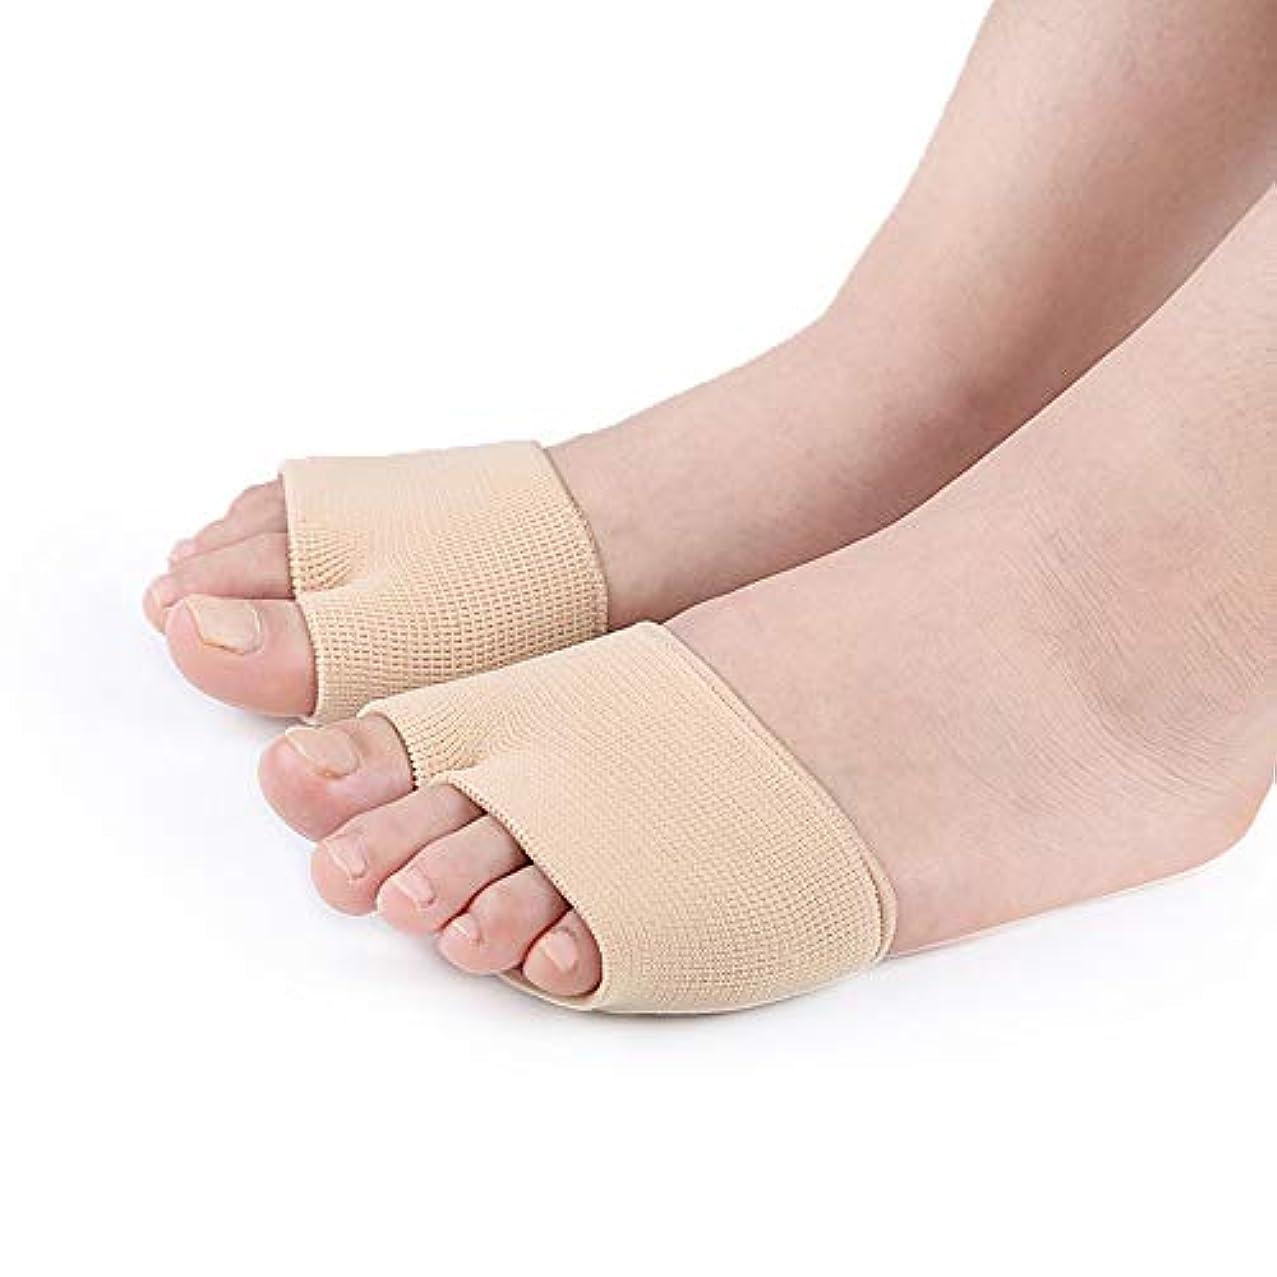 シャワースマイル真珠のようなつま先矯正靴下ケアつま先防止重複伸縮性高減衰ダンピング吸収汗通気性ナイロン布SEBS,5pairs,S